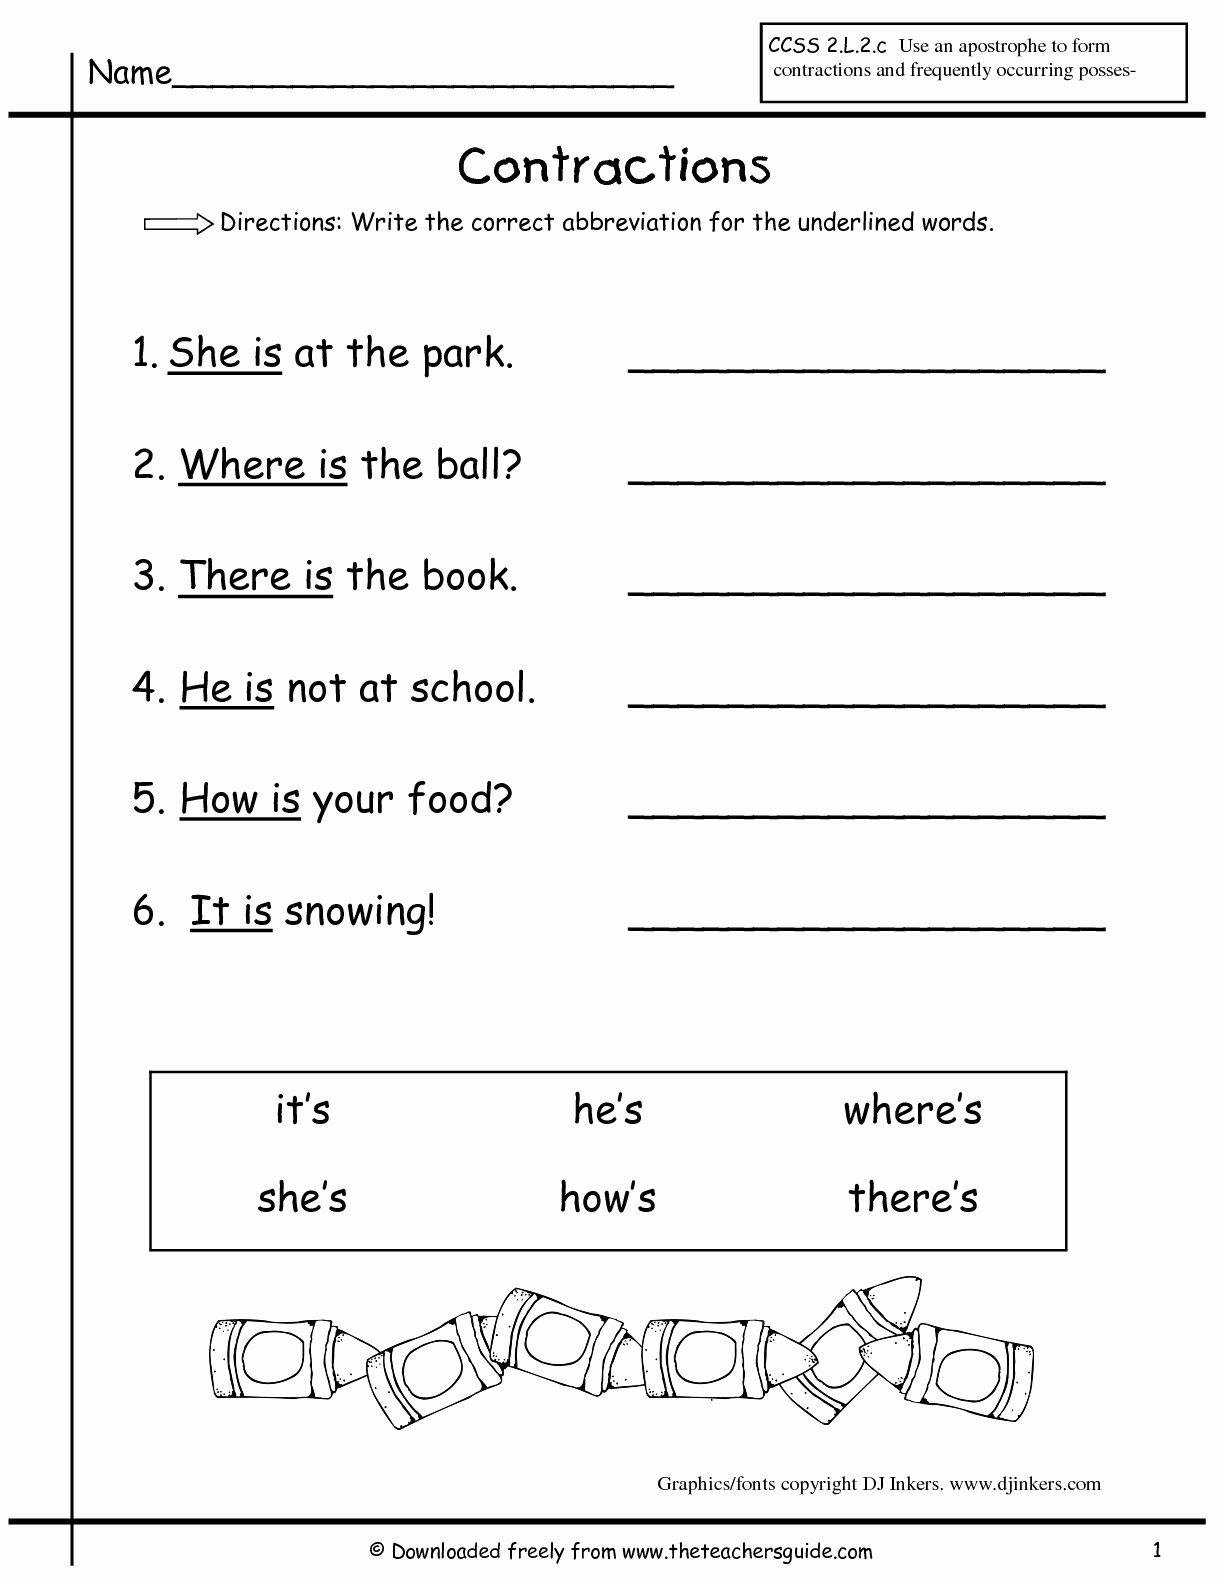 Making Predictions Worksheets 2nd Grade Fresh 20 Making Predictions Worksheet 2nd Grade